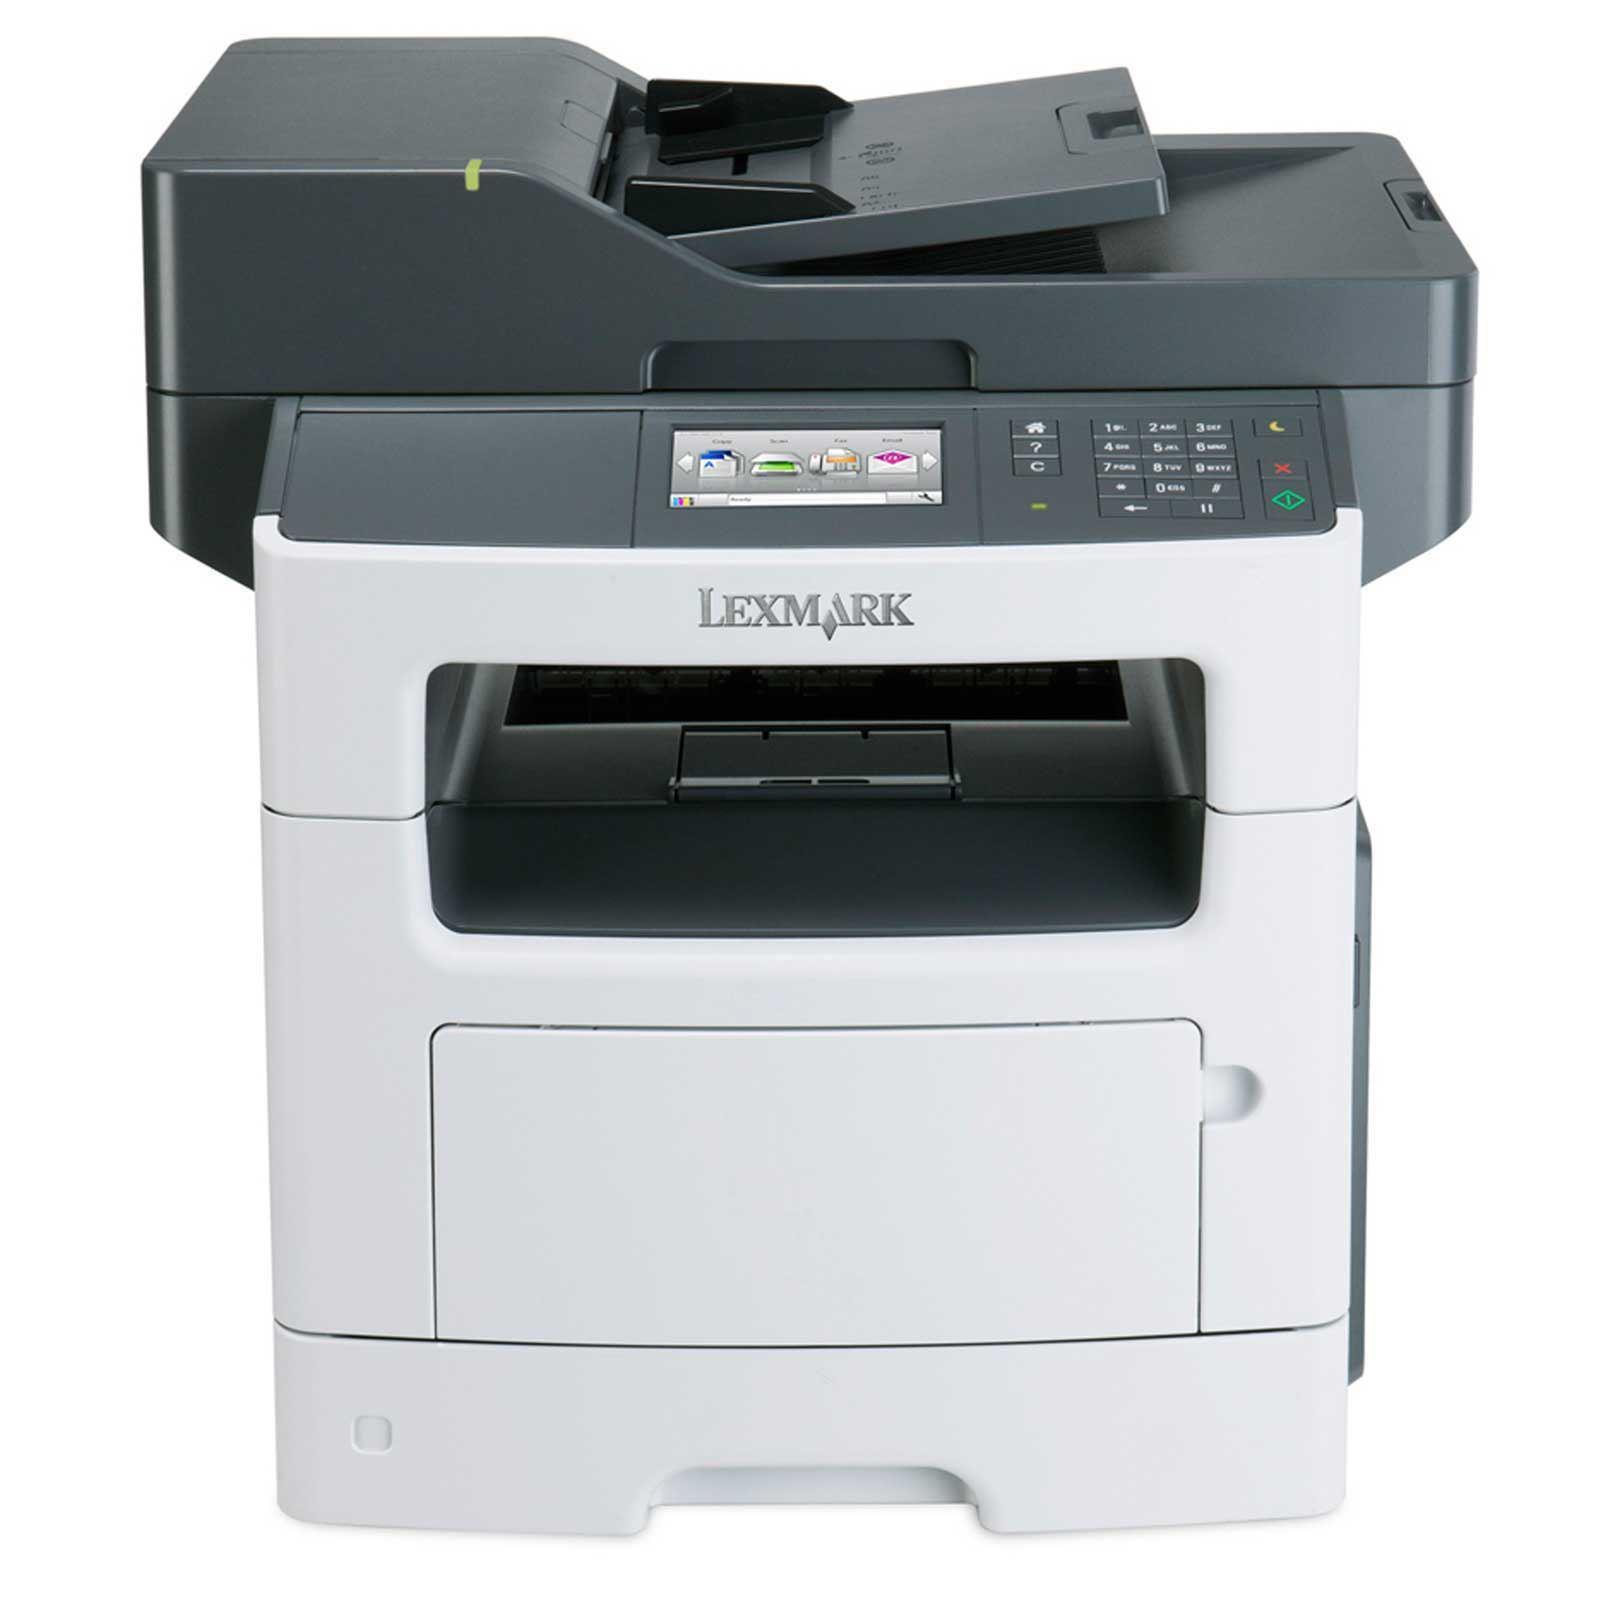 Lexmark MX511dhe,A4,1200x1200dpi,42ppm,duplex,LAN